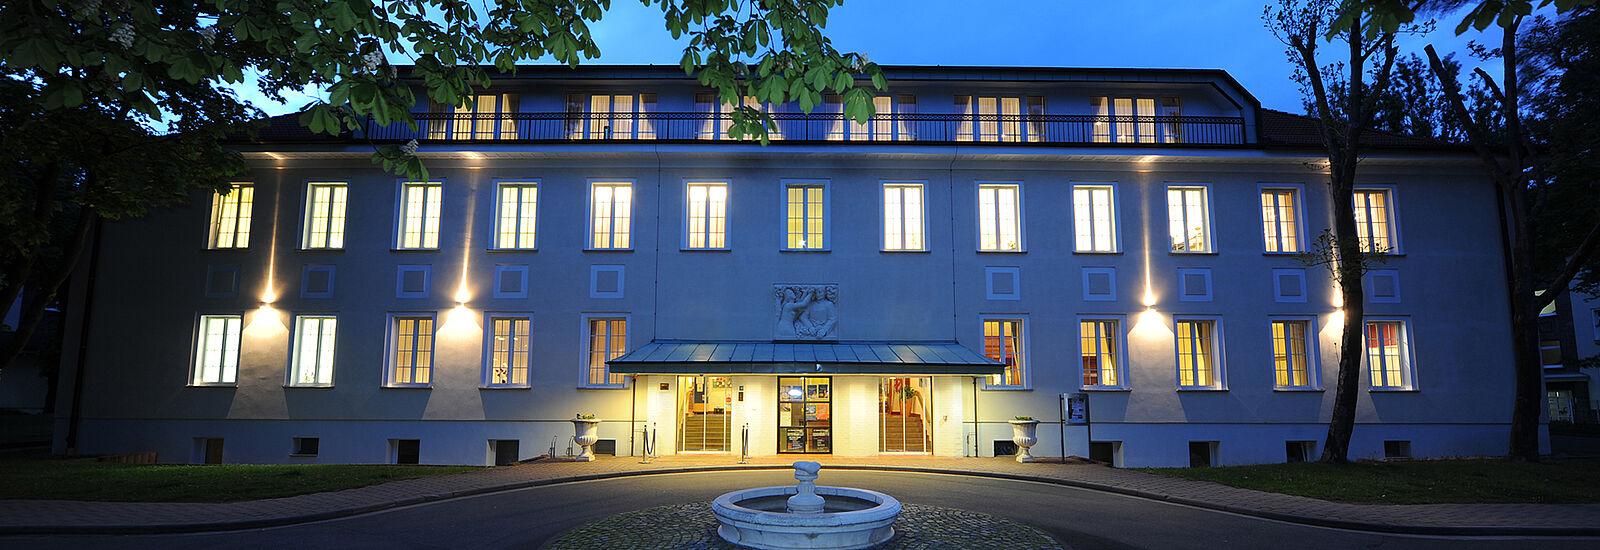 Aussenansicht Hotel der Lindenhof Gotha